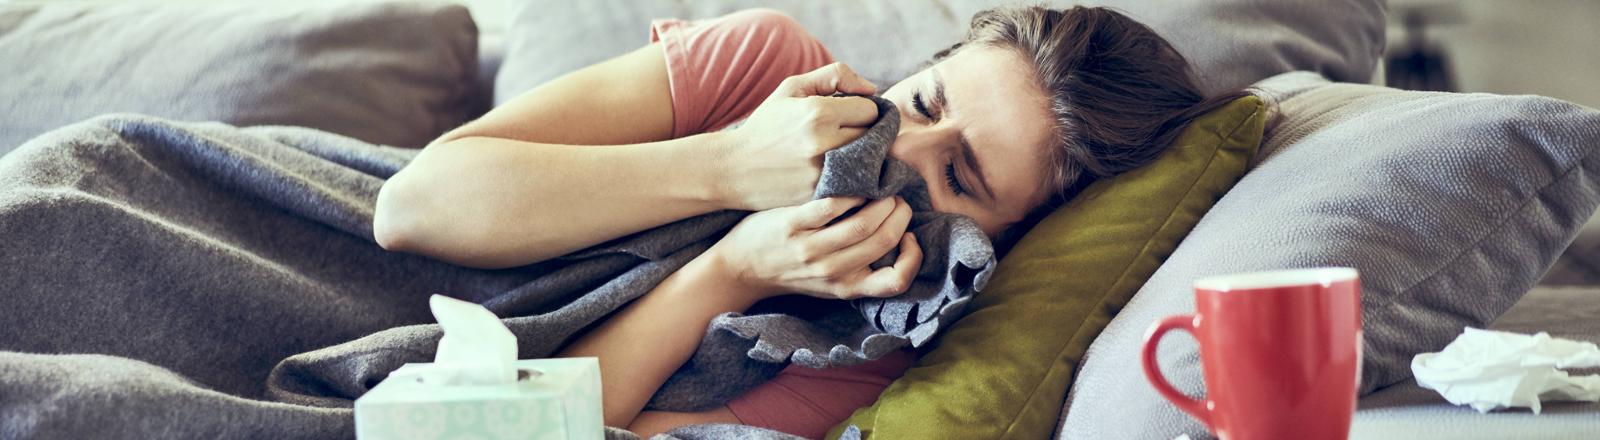 Eine junge Frau liegt auf dem Sofa, hält sich die Decke vors Gesicht, im Vordergrund eine Teetasse und eine Taschentuchbox